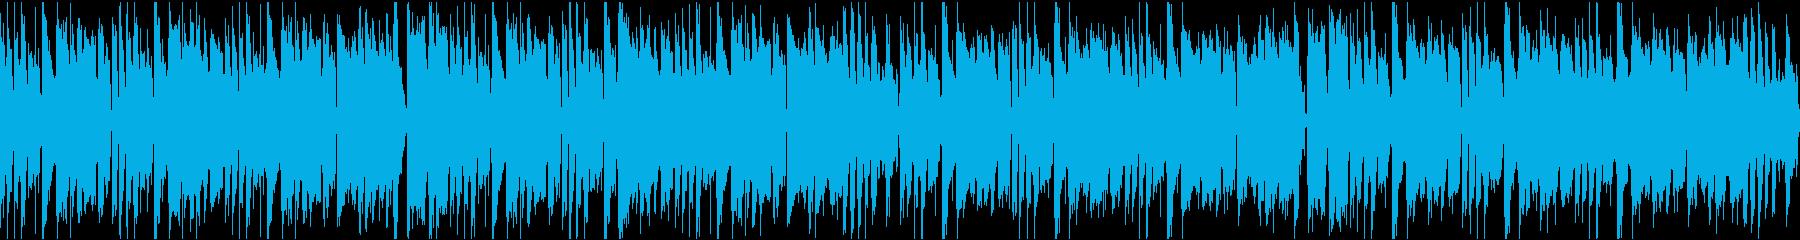 かわいいコミカル/ループの再生済みの波形